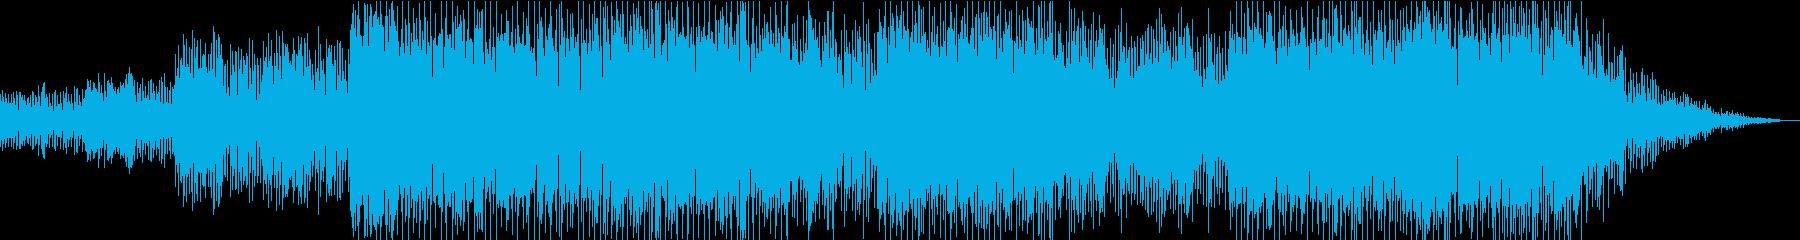 メロディアスで明るい雰囲気のEDMの再生済みの波形